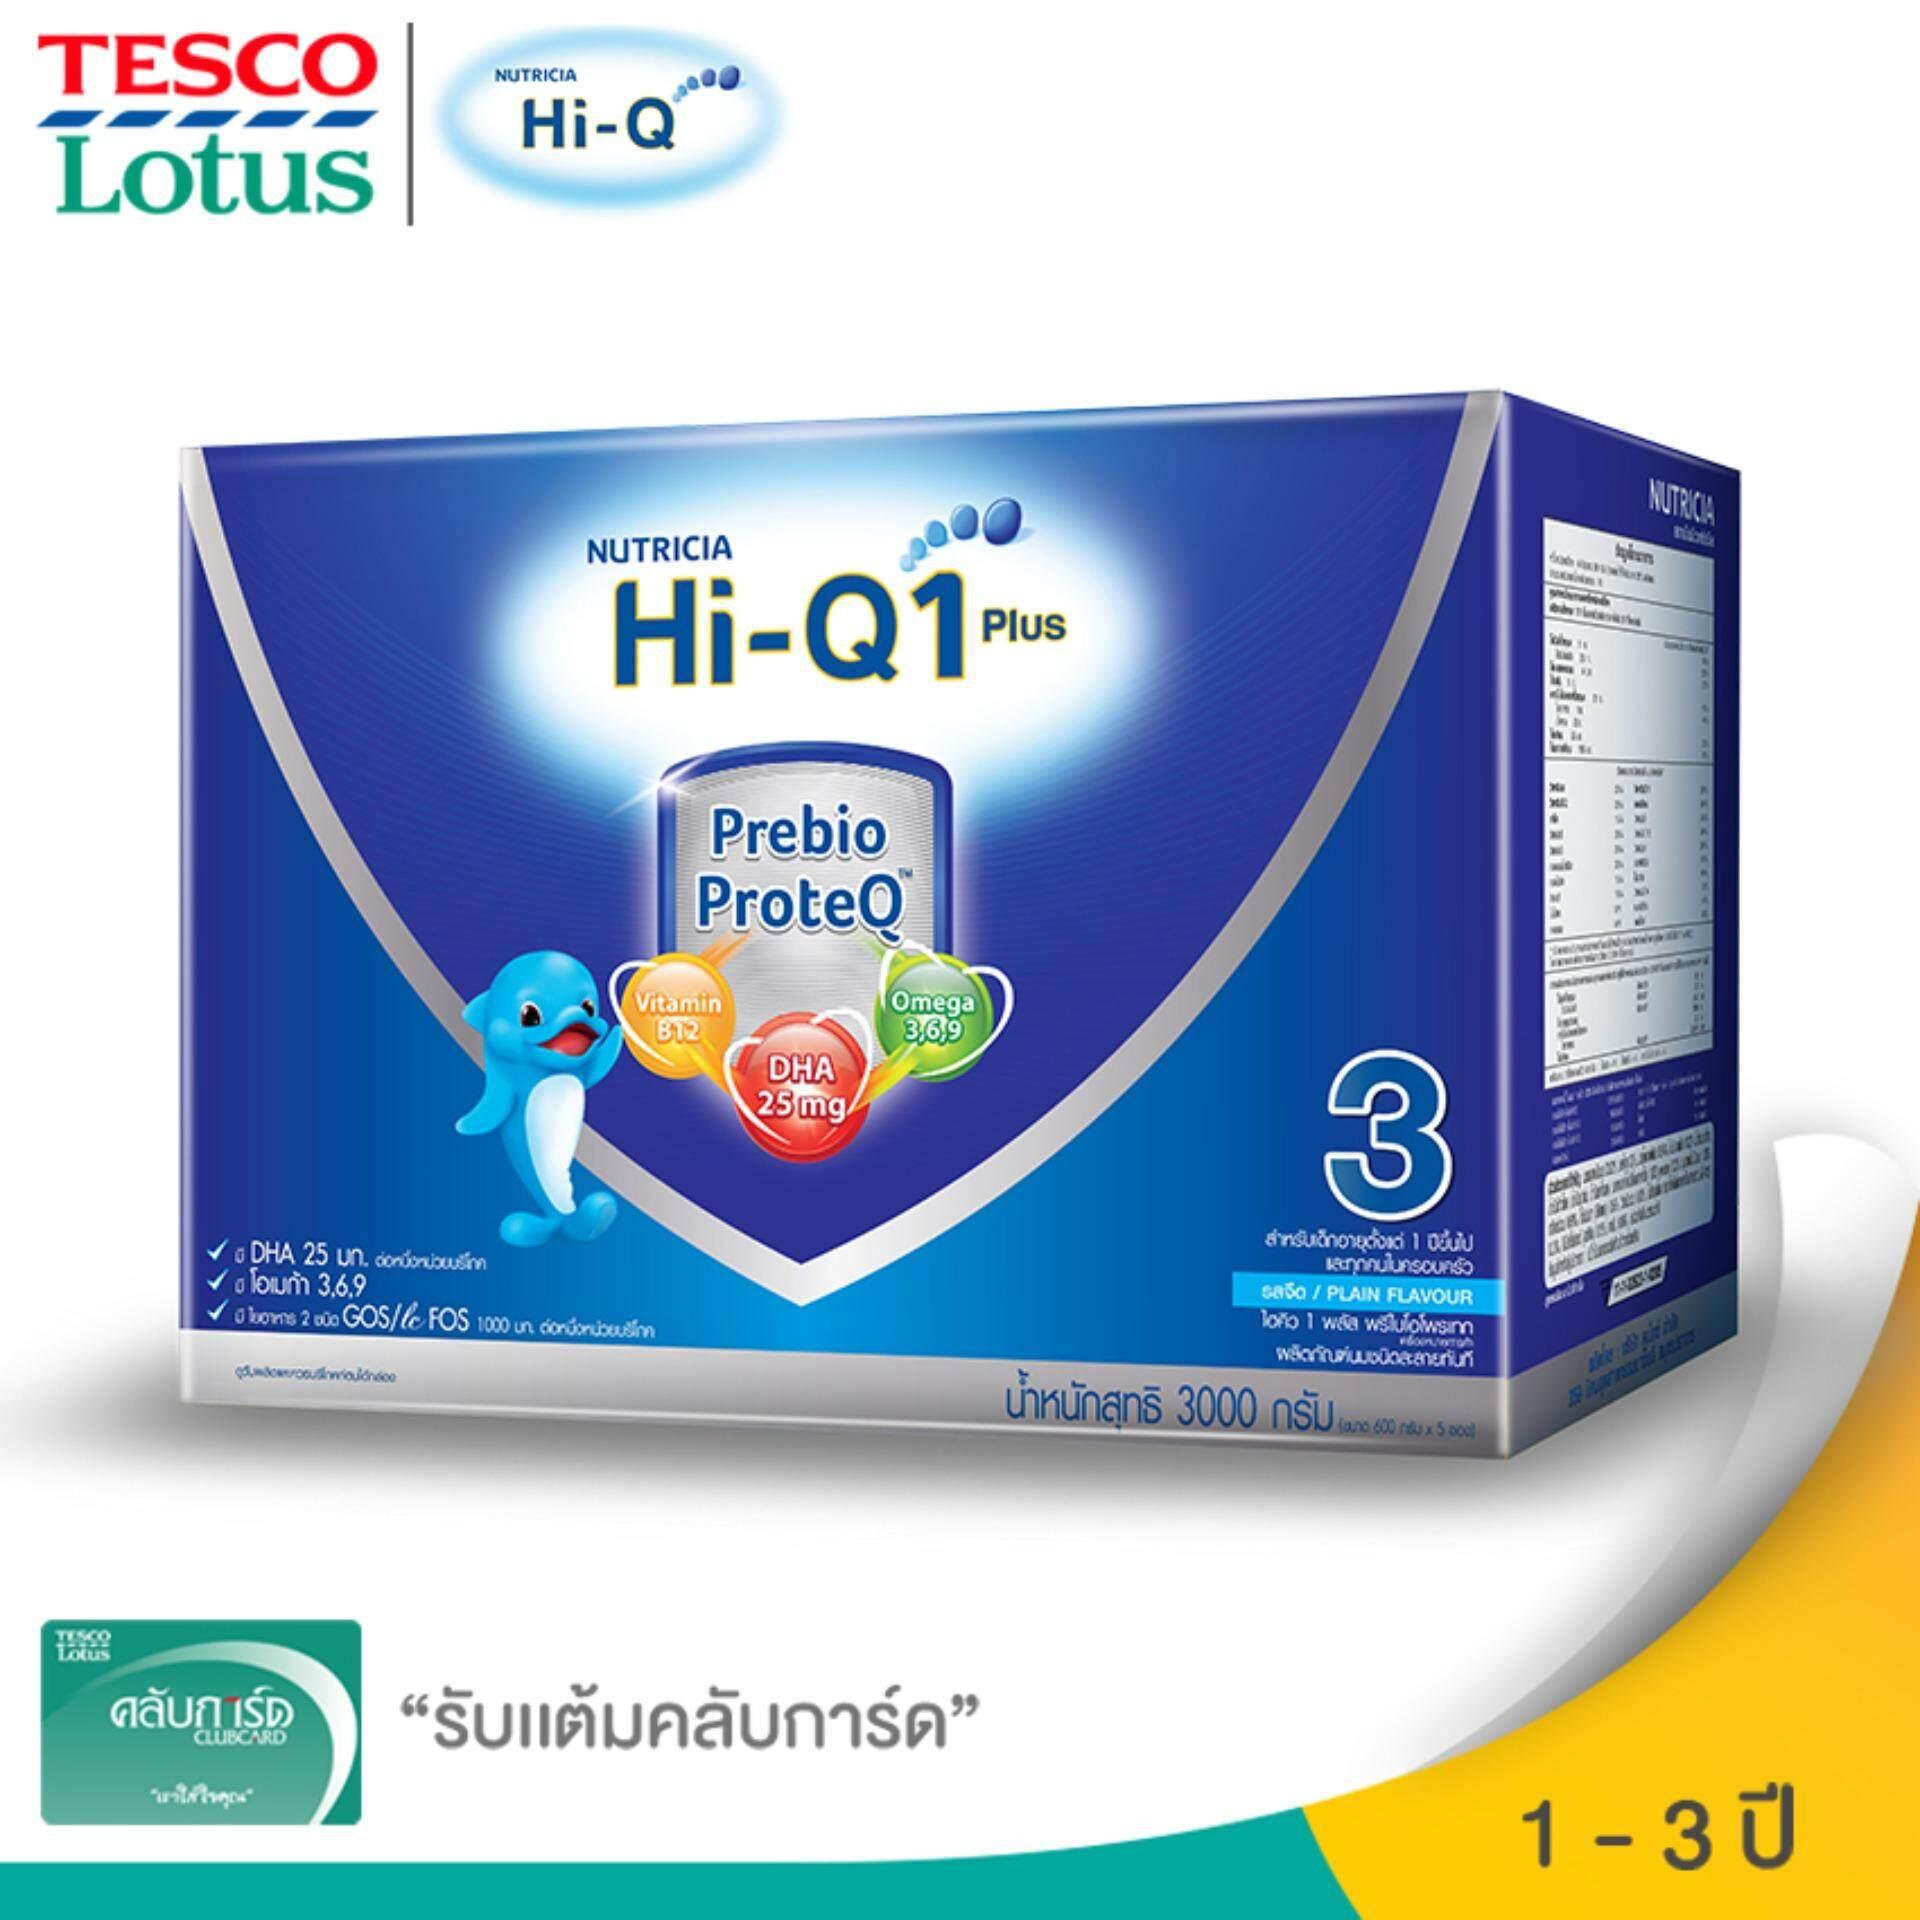 Hi-Q ไฮคิว 1พลัส นมผงสำหรับเด็ก ช่วงวัยที่ 3 พรีไบโอโพรเทค รสจืด 3000 กรัม By Tesco Lotus.